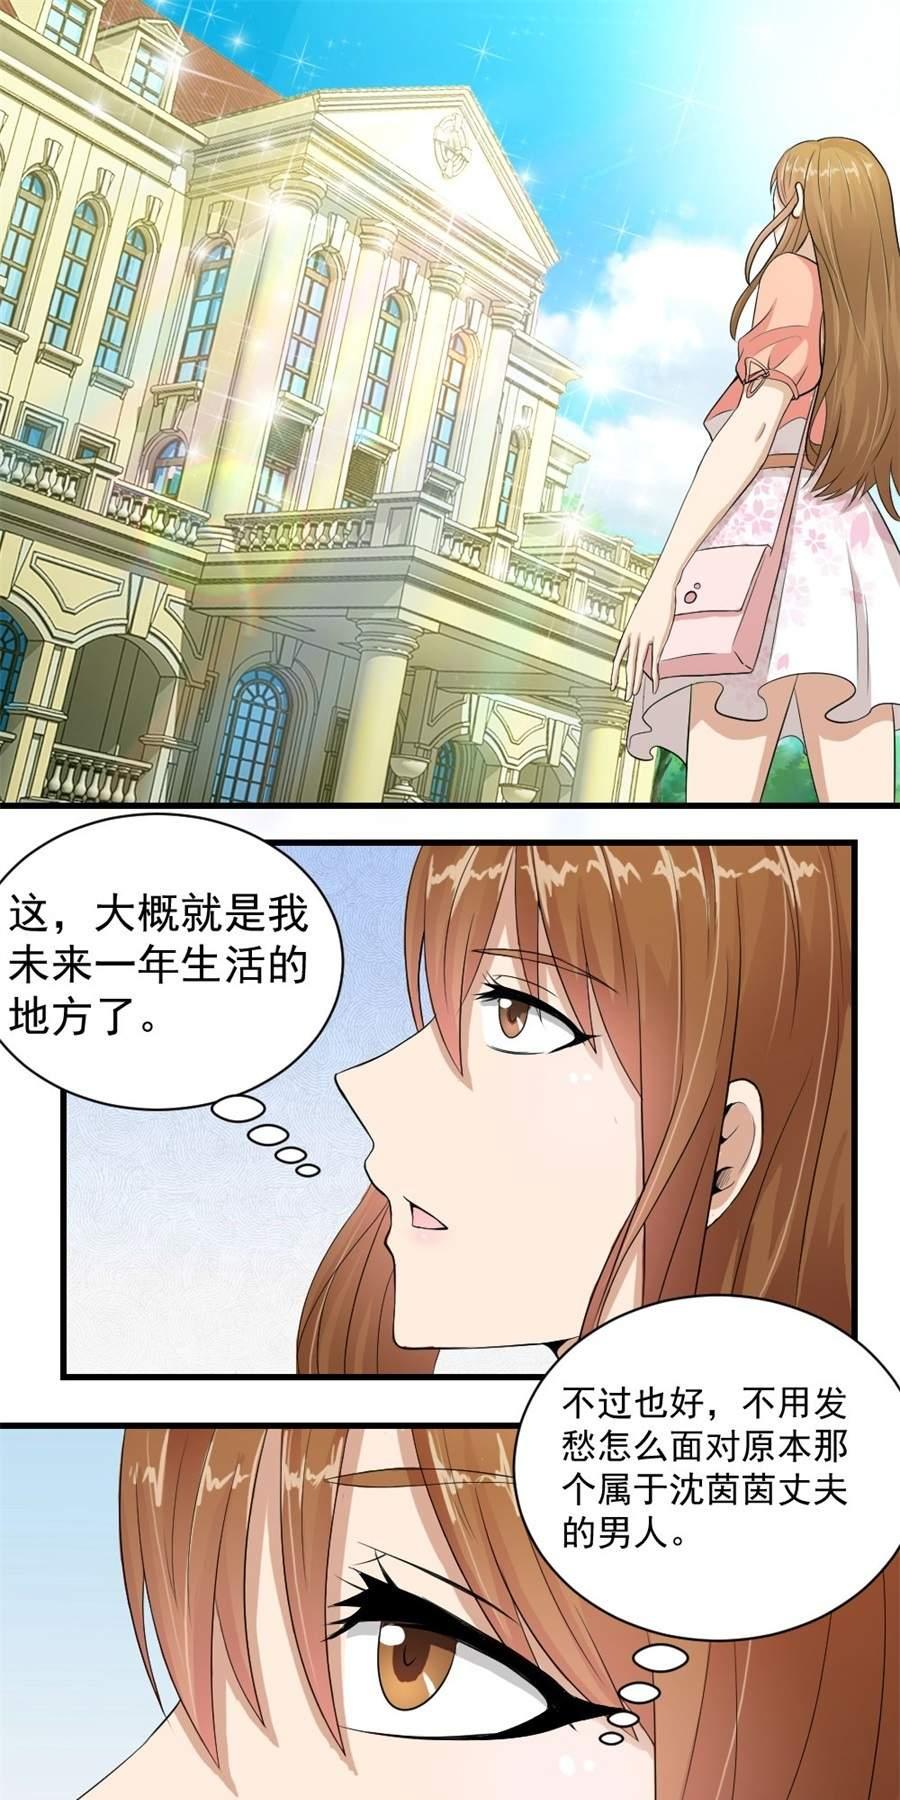 """错嫁替婚总裁第8话  与总裁关系暧昧(发""""糖""""喽) 第 2"""